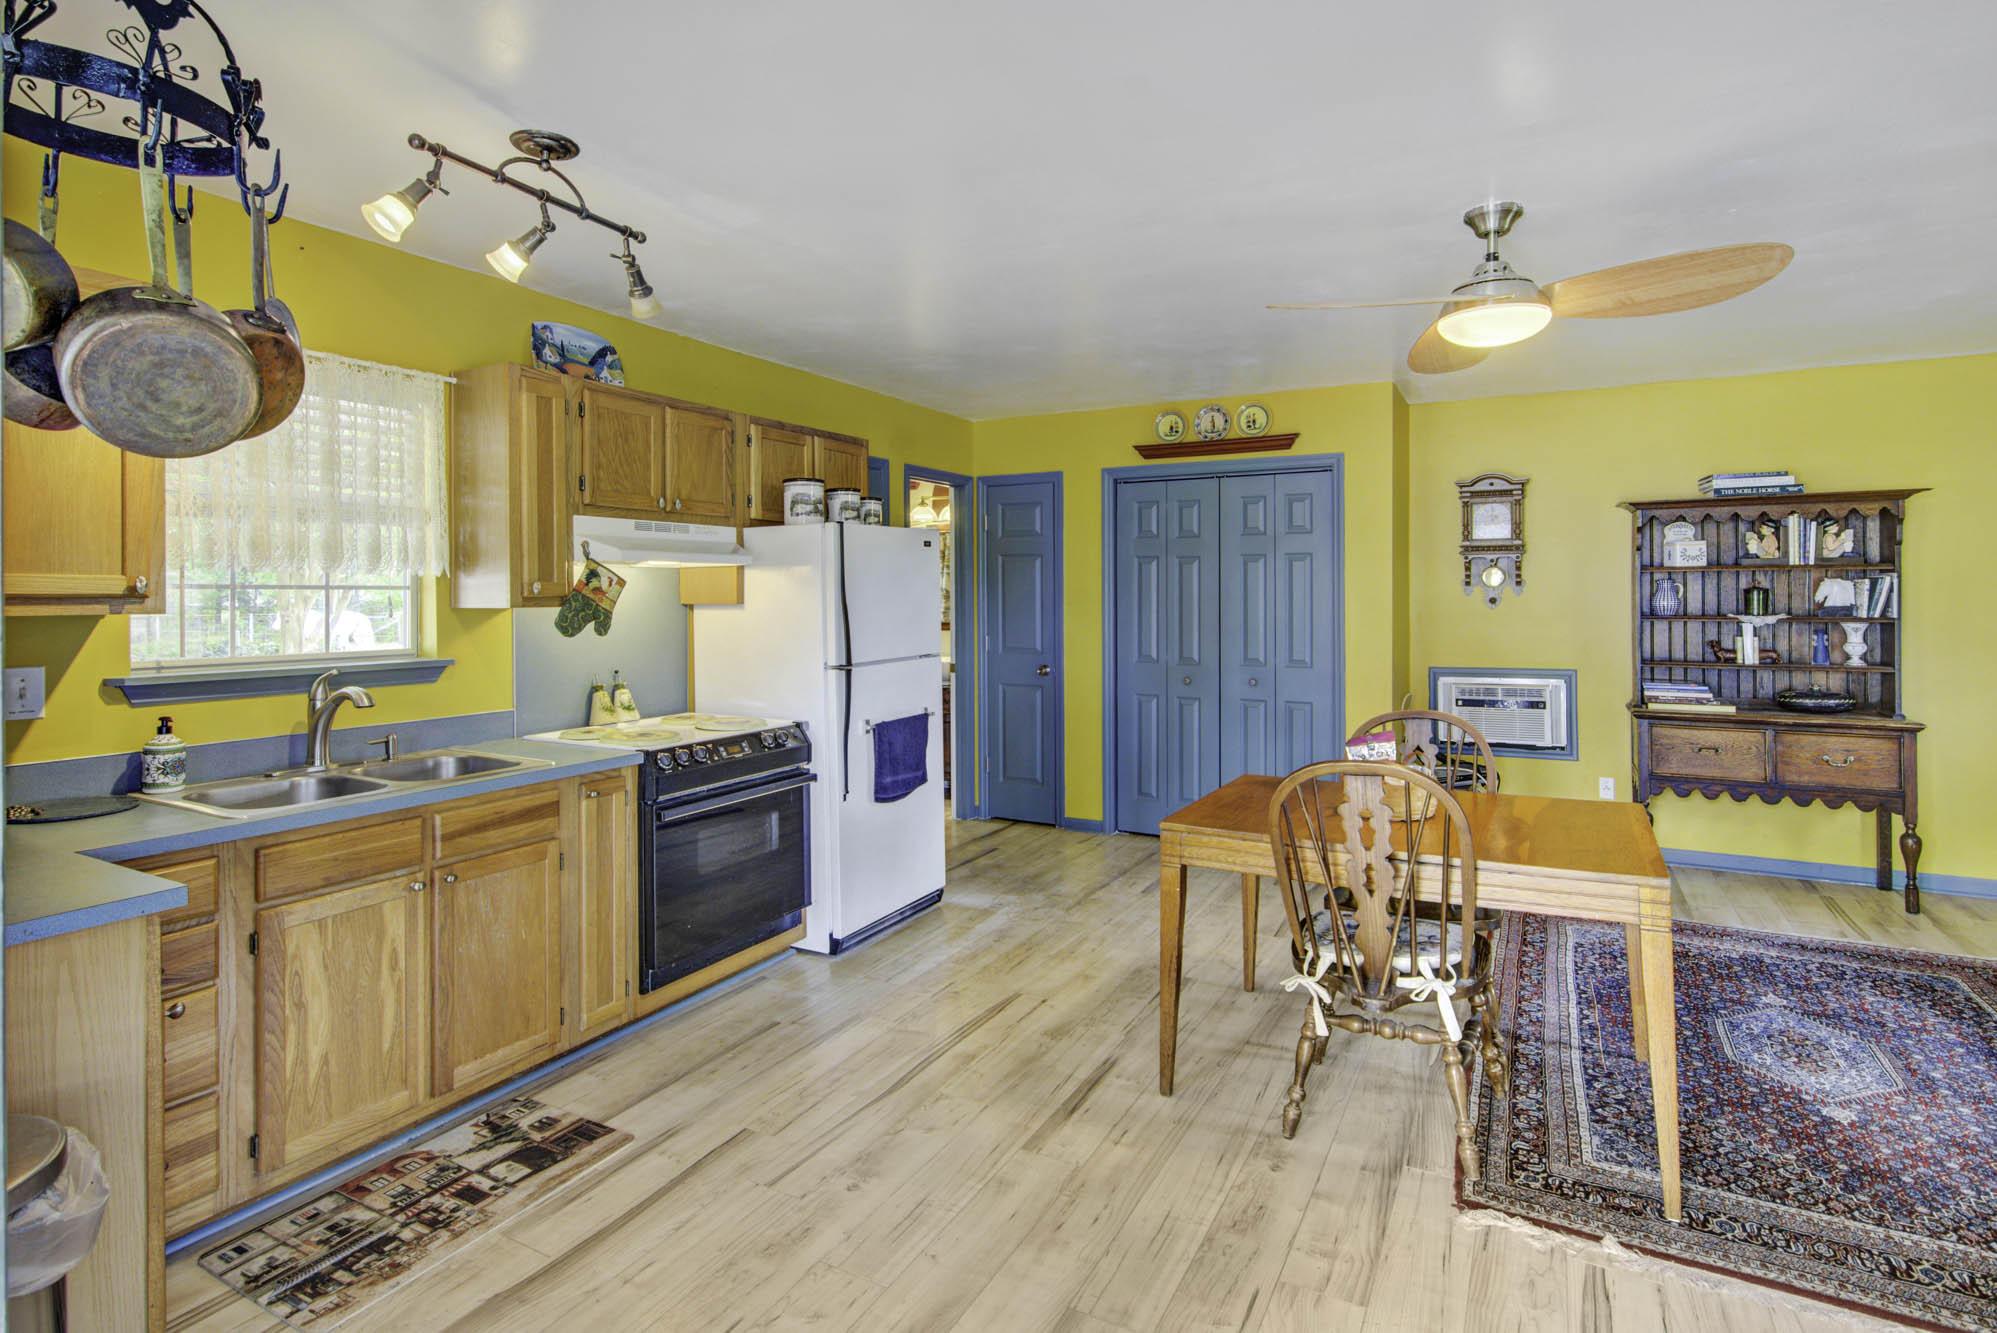 Walton Grove Homes For Sale - 119 Walton Grove, Summerville, SC - 5